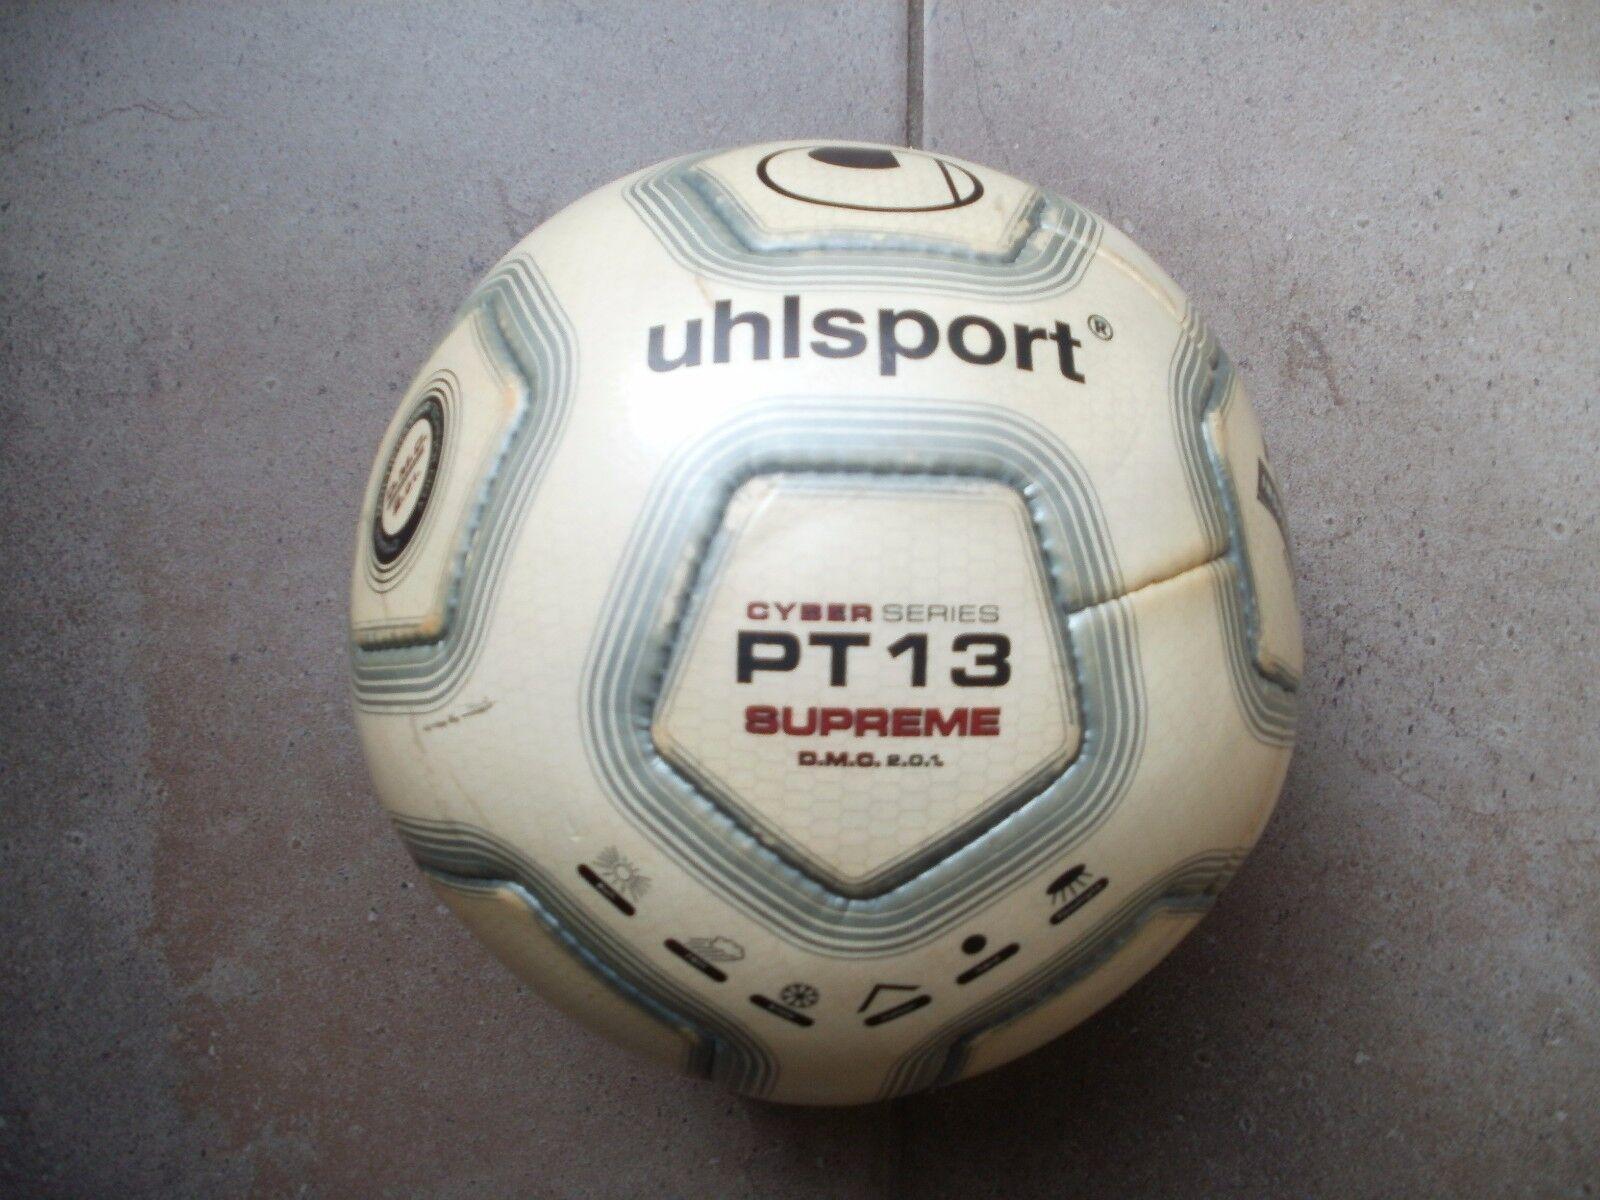 Fussball Uhlsport PT 13 Supreme Supreme Supreme besser als Adidas Ball für Halle oder Rasen 1 A 8cc7c0